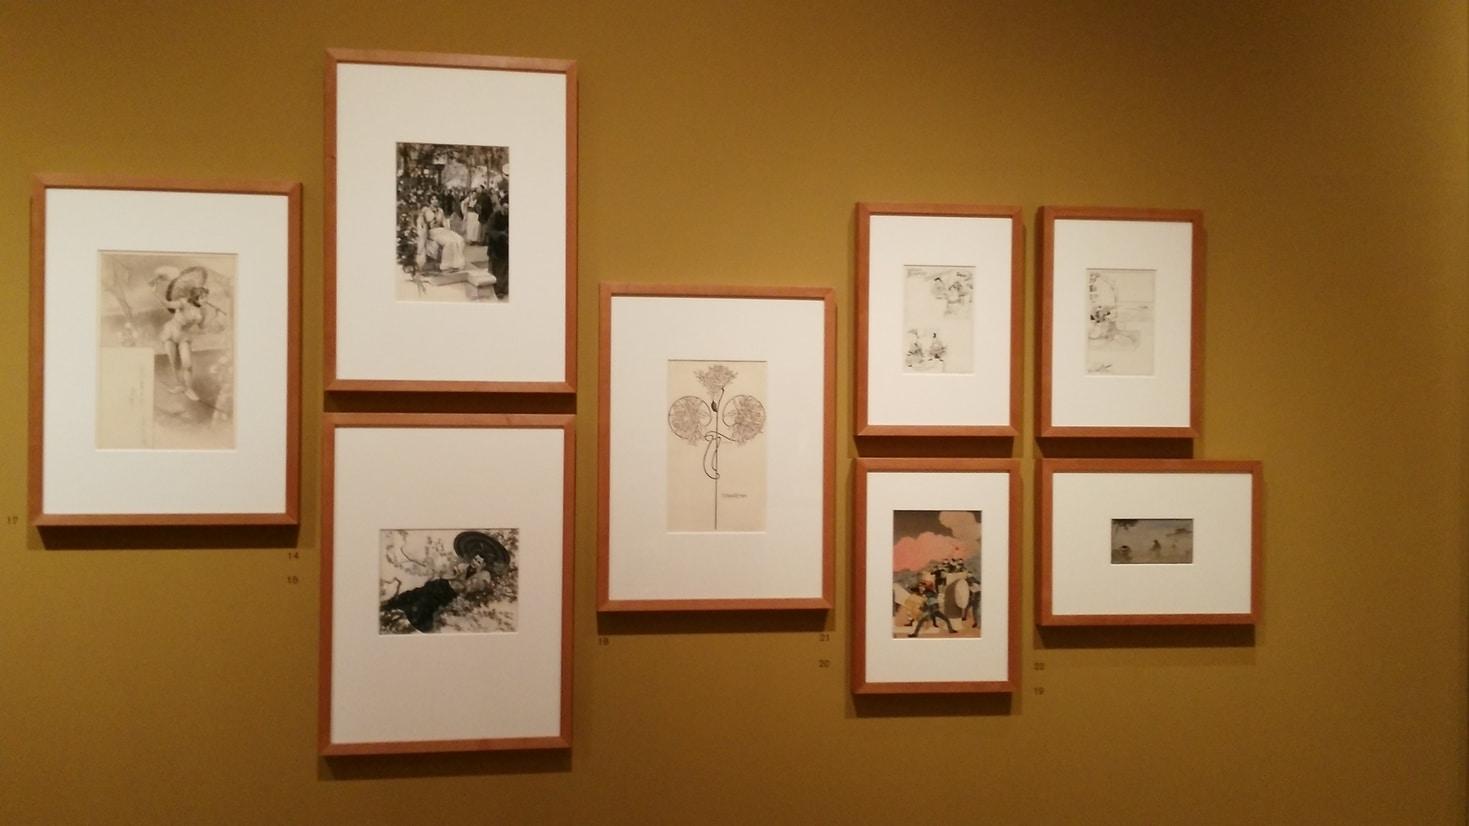 museo-thyssen-bornemisza-textil-japones.jpg